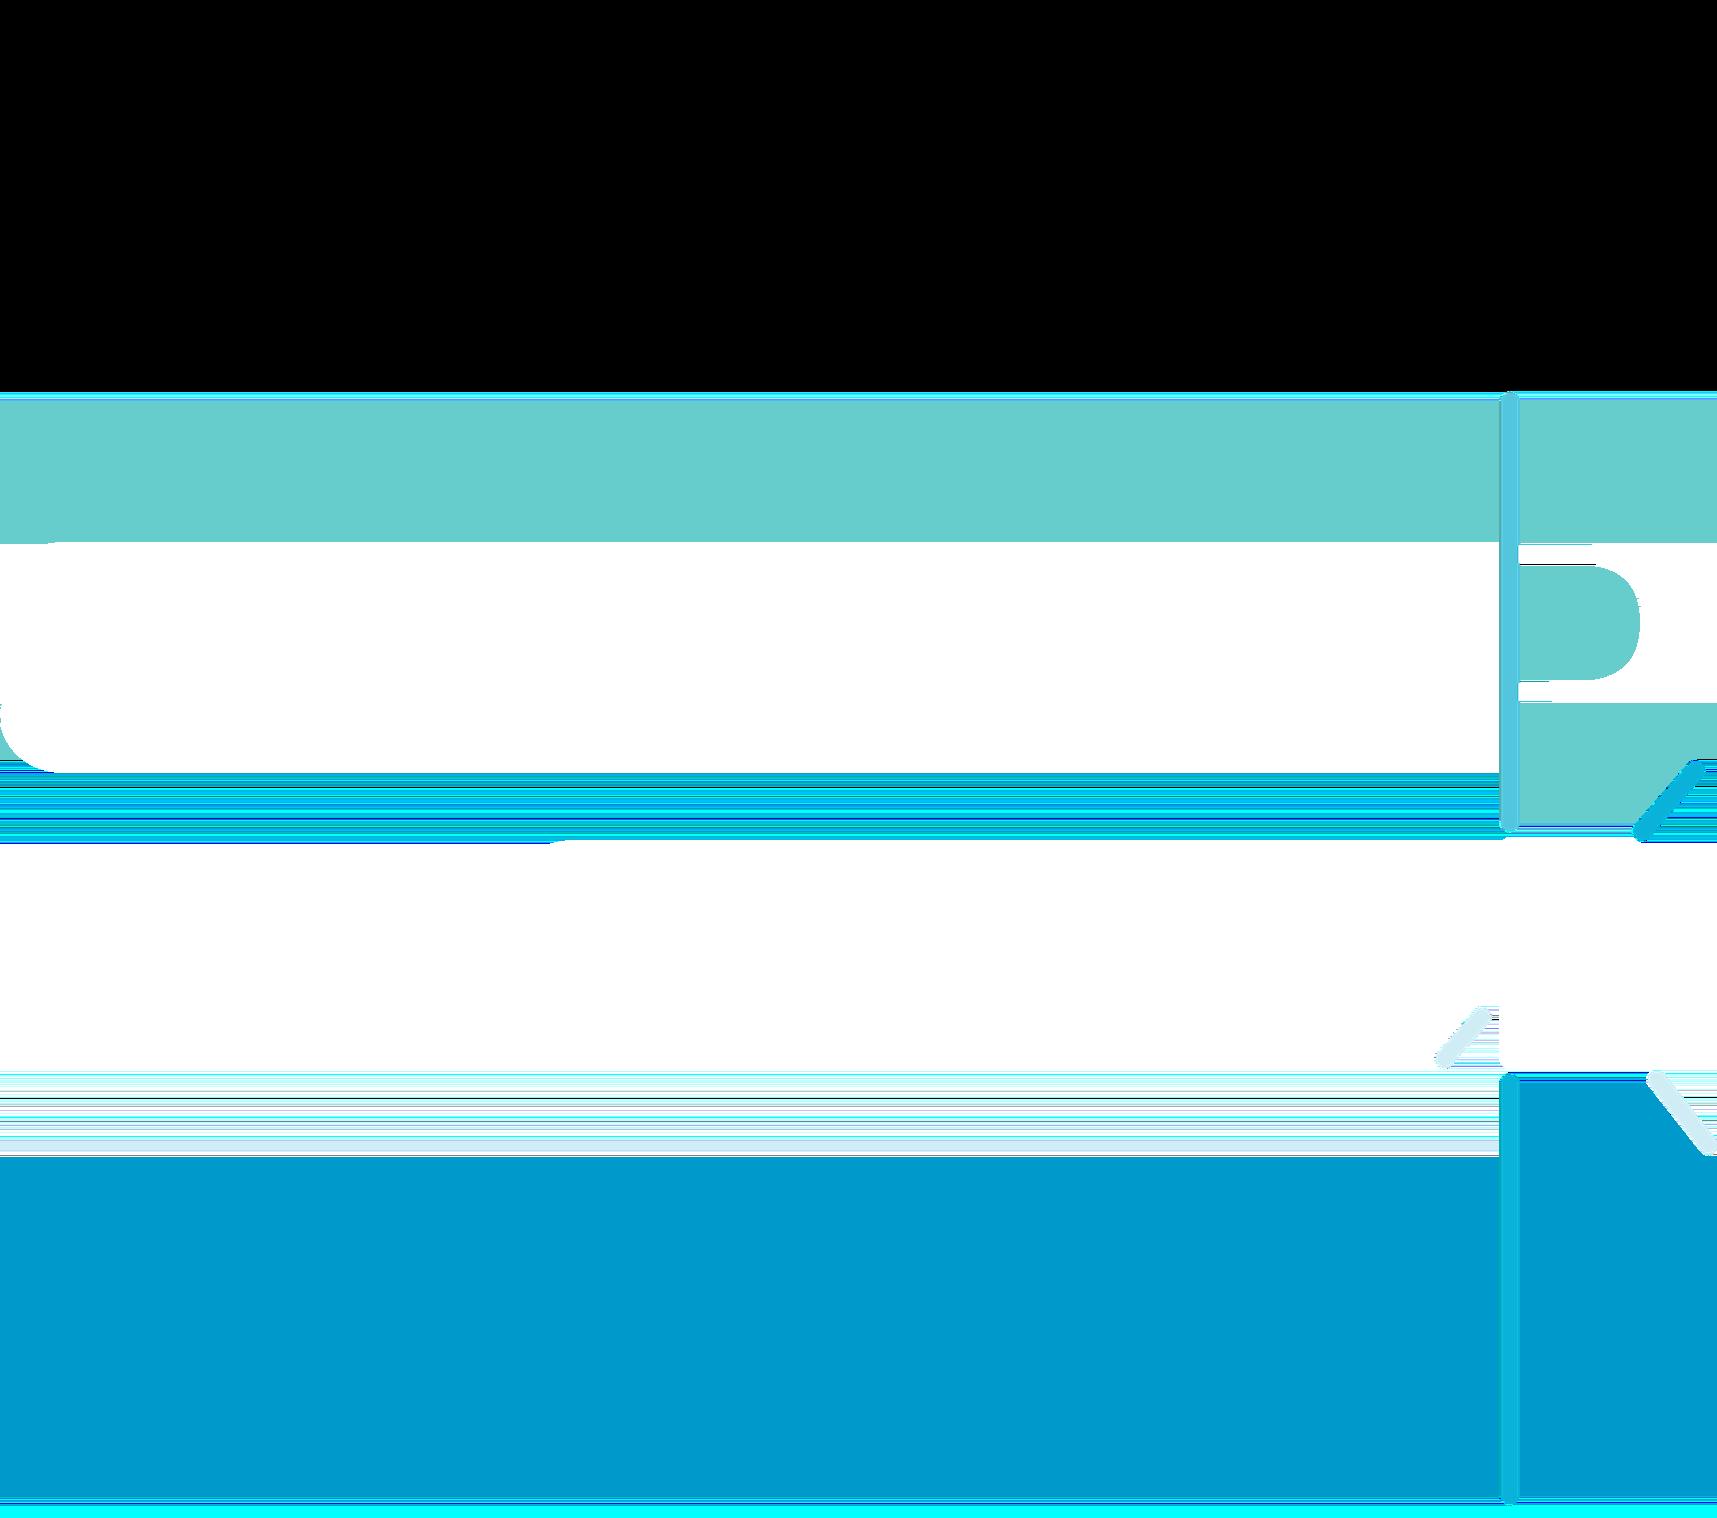 Startup Spark - Otwarte Innowacje w Łódzkiej Specjalnej Strefie Ekonomicznej